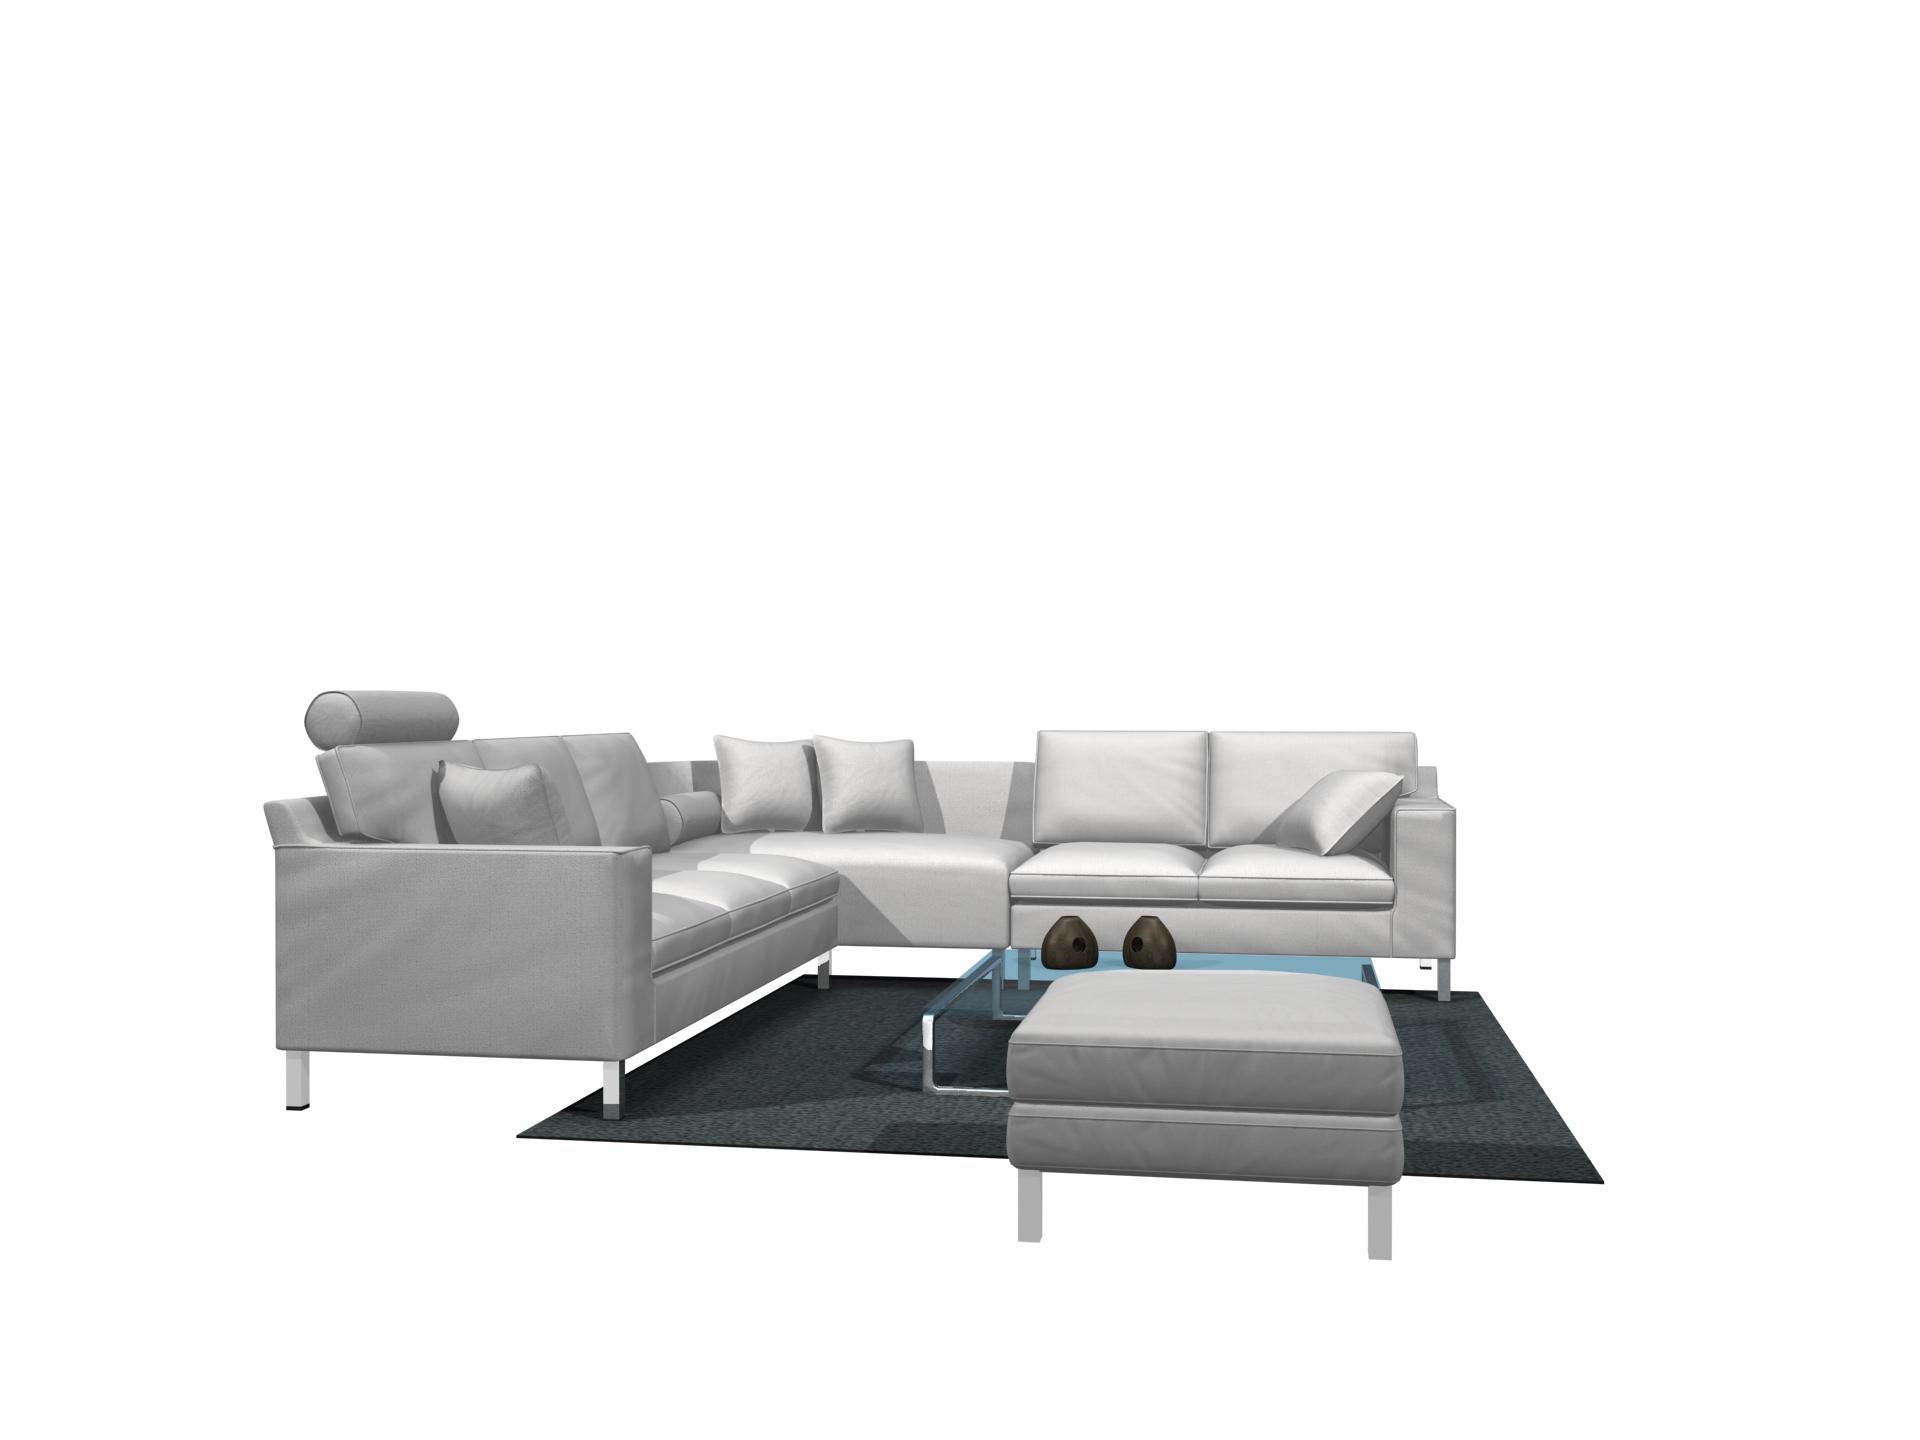 Furniture Sas 009 3d Model Download Free 3d Models Download